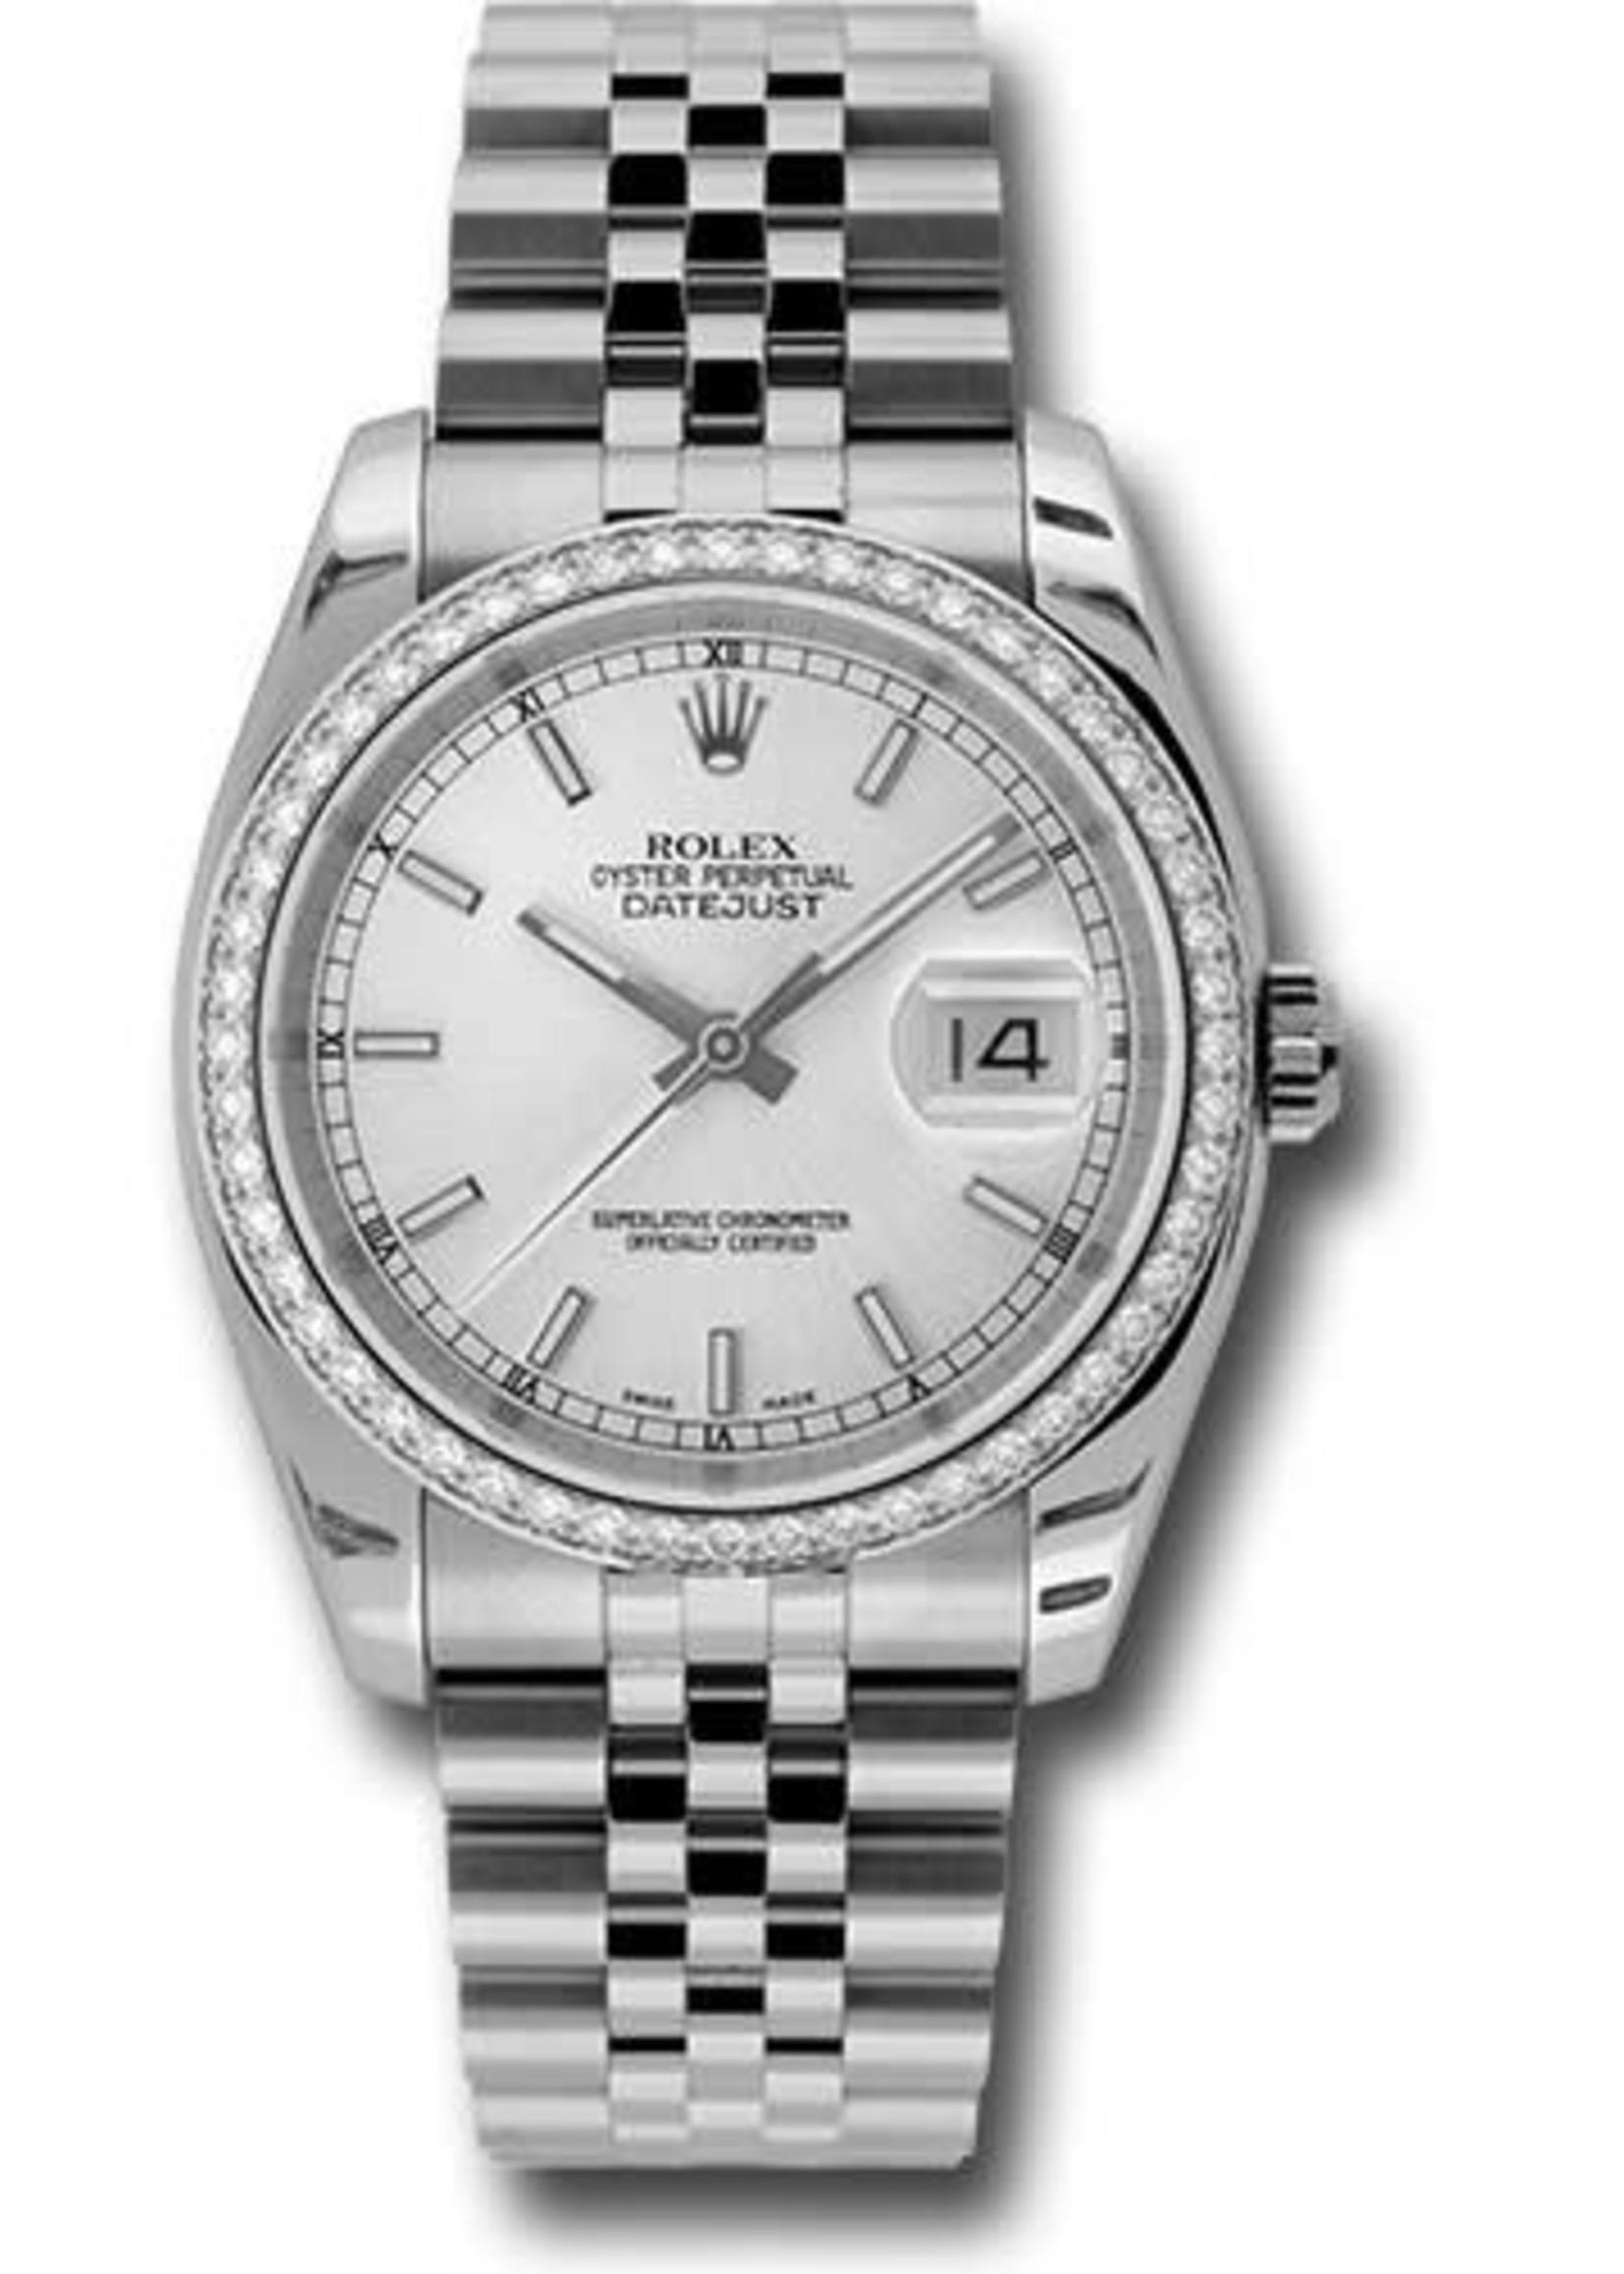 Rolex Watches ROLEX DATEJUST 36MM #116244 (2008 B+P) BRAND NEW NEVER WORN